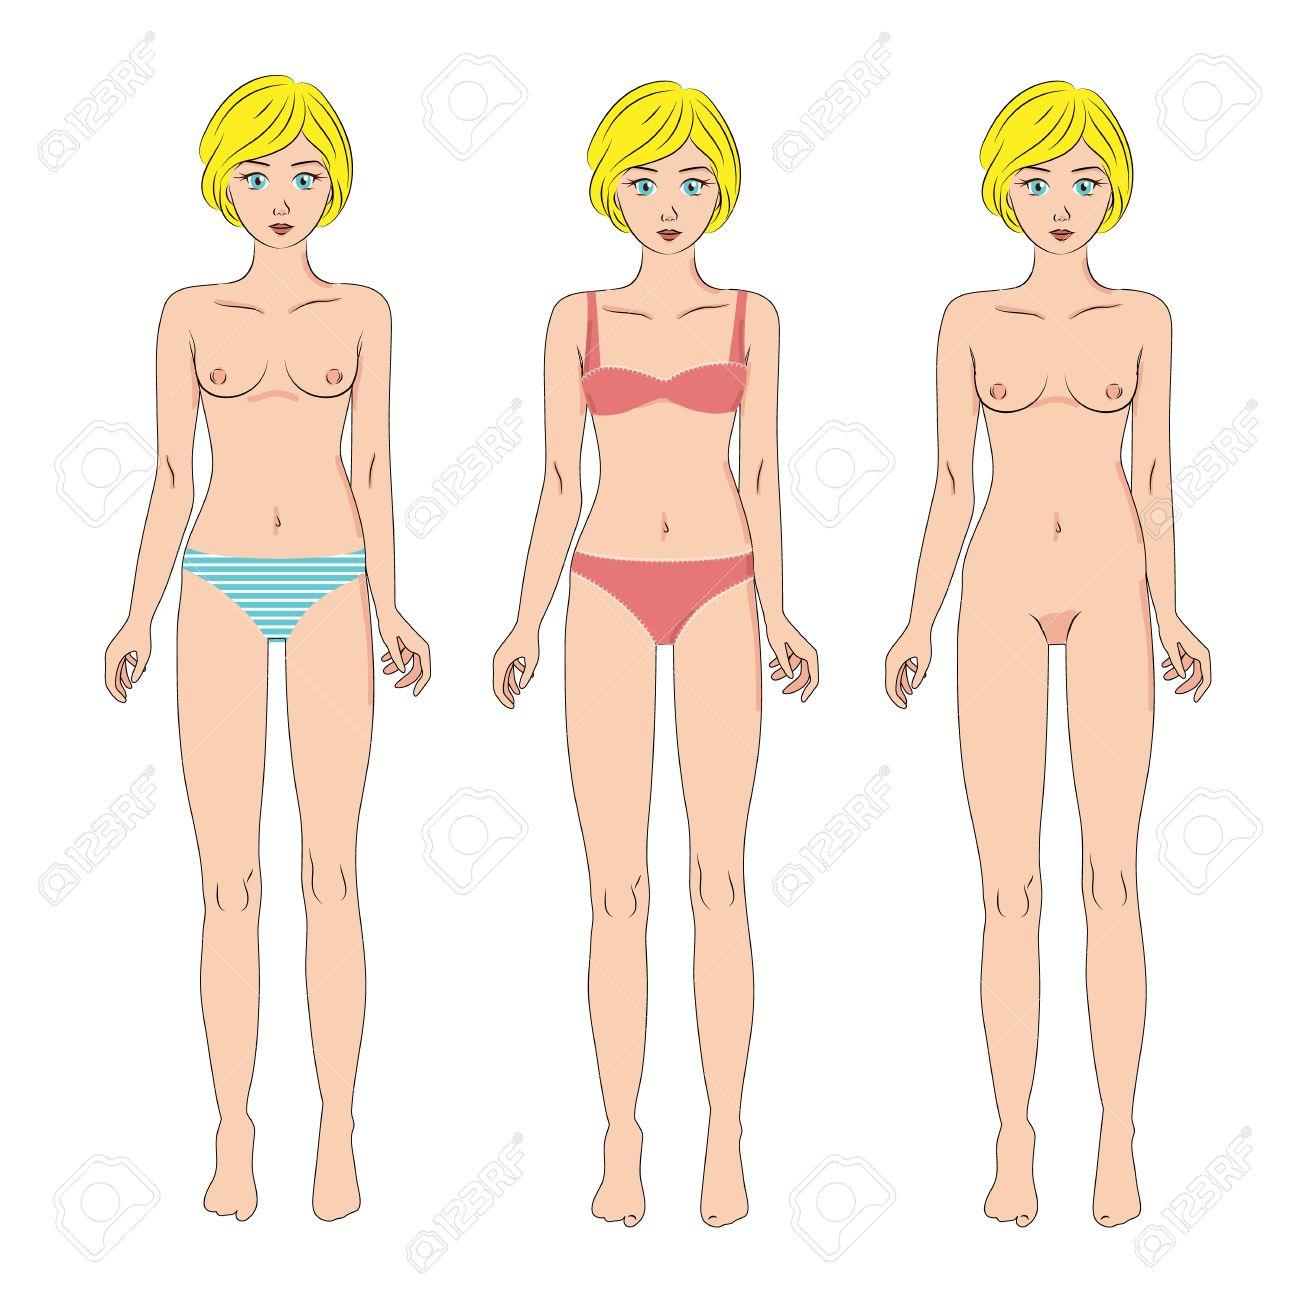 DesnudoPie En Ropa Mujeres Hermosas CuerpoFrenteAislado Vectores Baño Conjunto BlancoCuerpo El InteriorTrajes Tres De Todo La Y 4RAqj35L